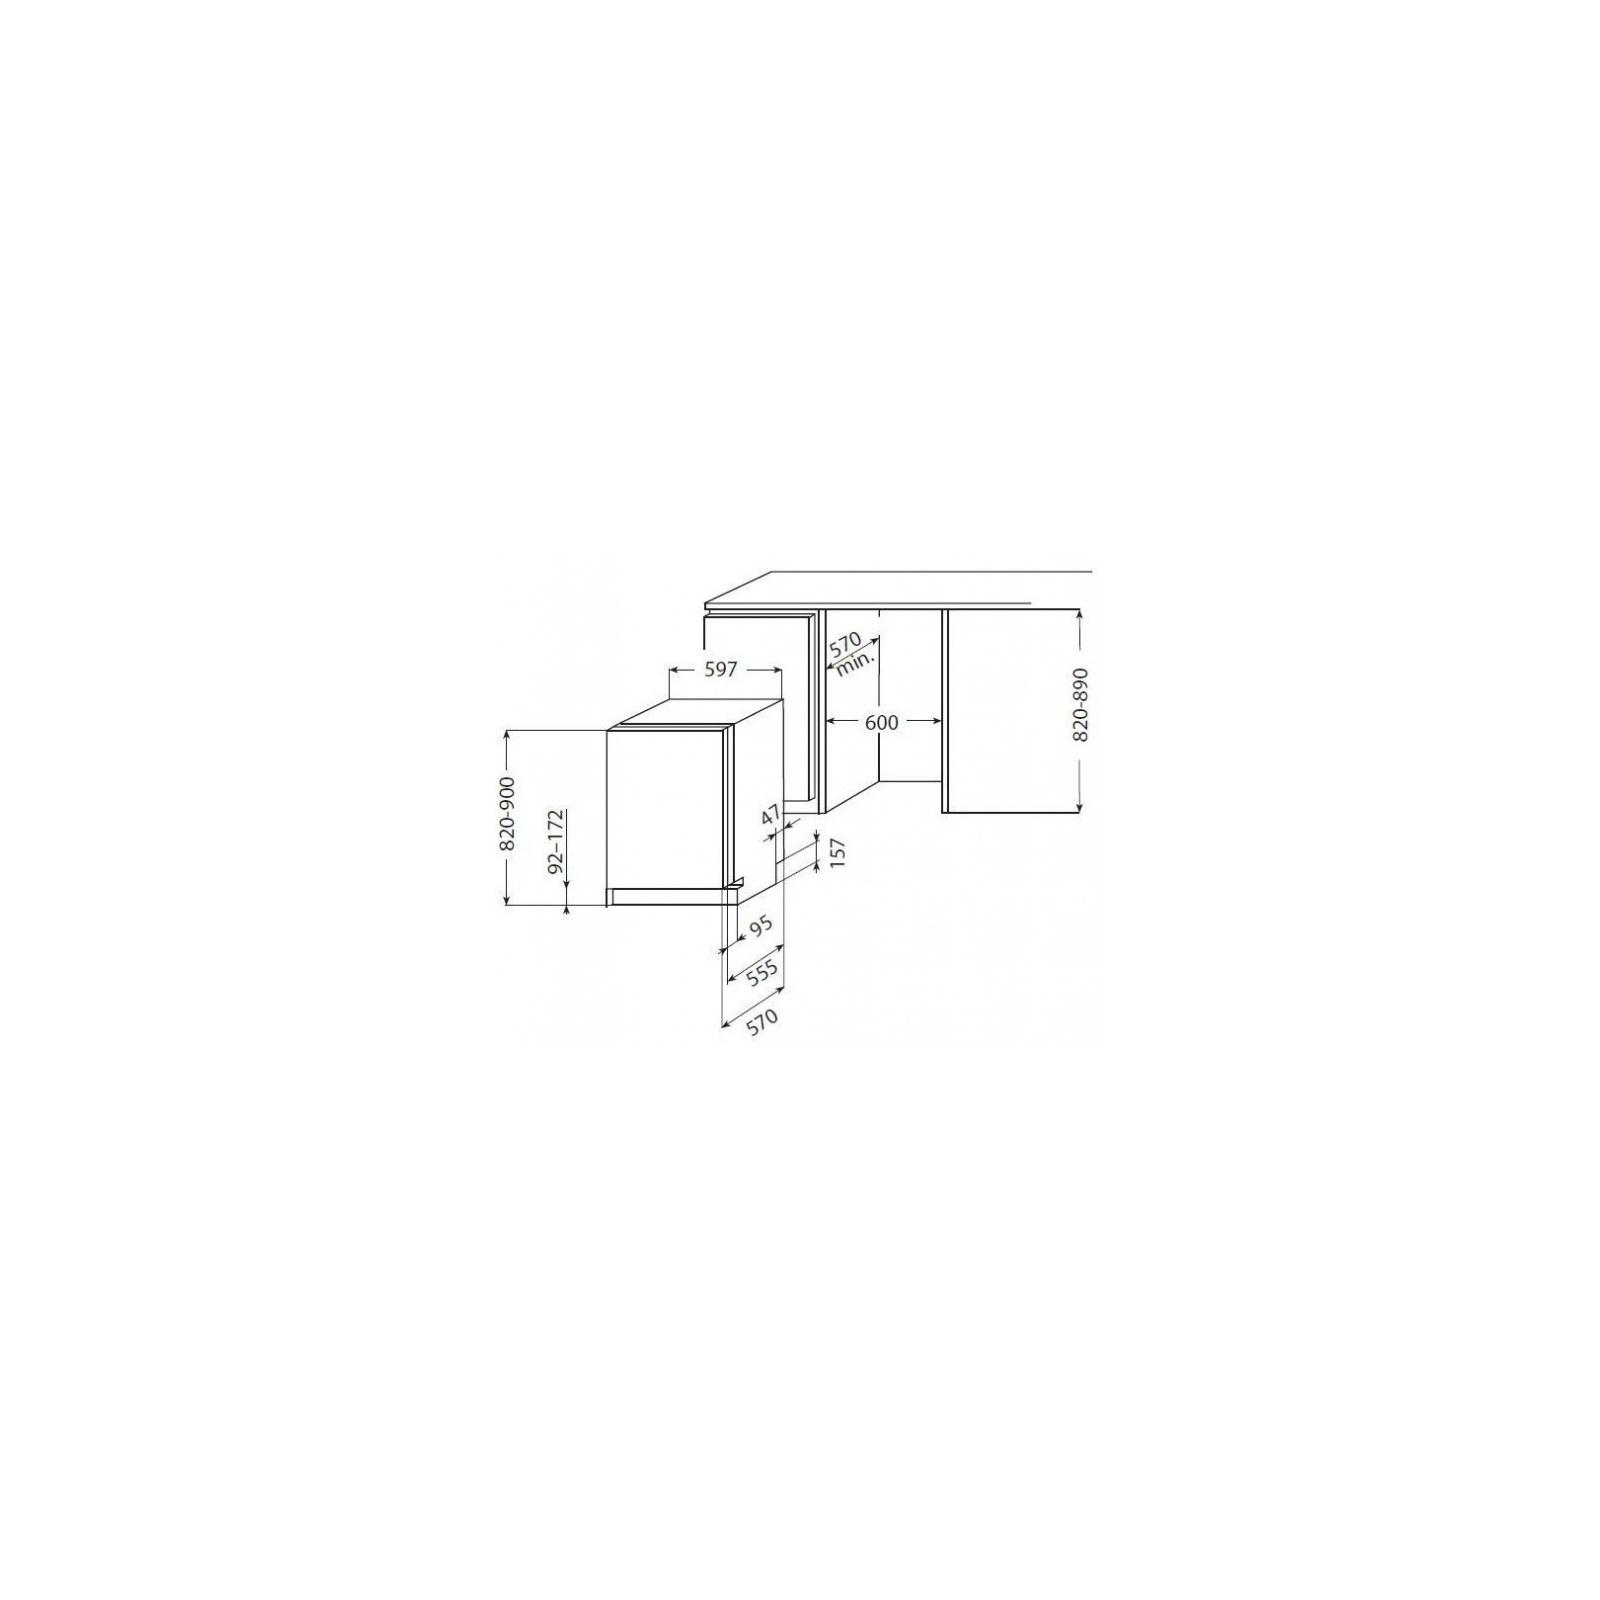 Посудомоечная машина Interline DWI 606 изображение 2